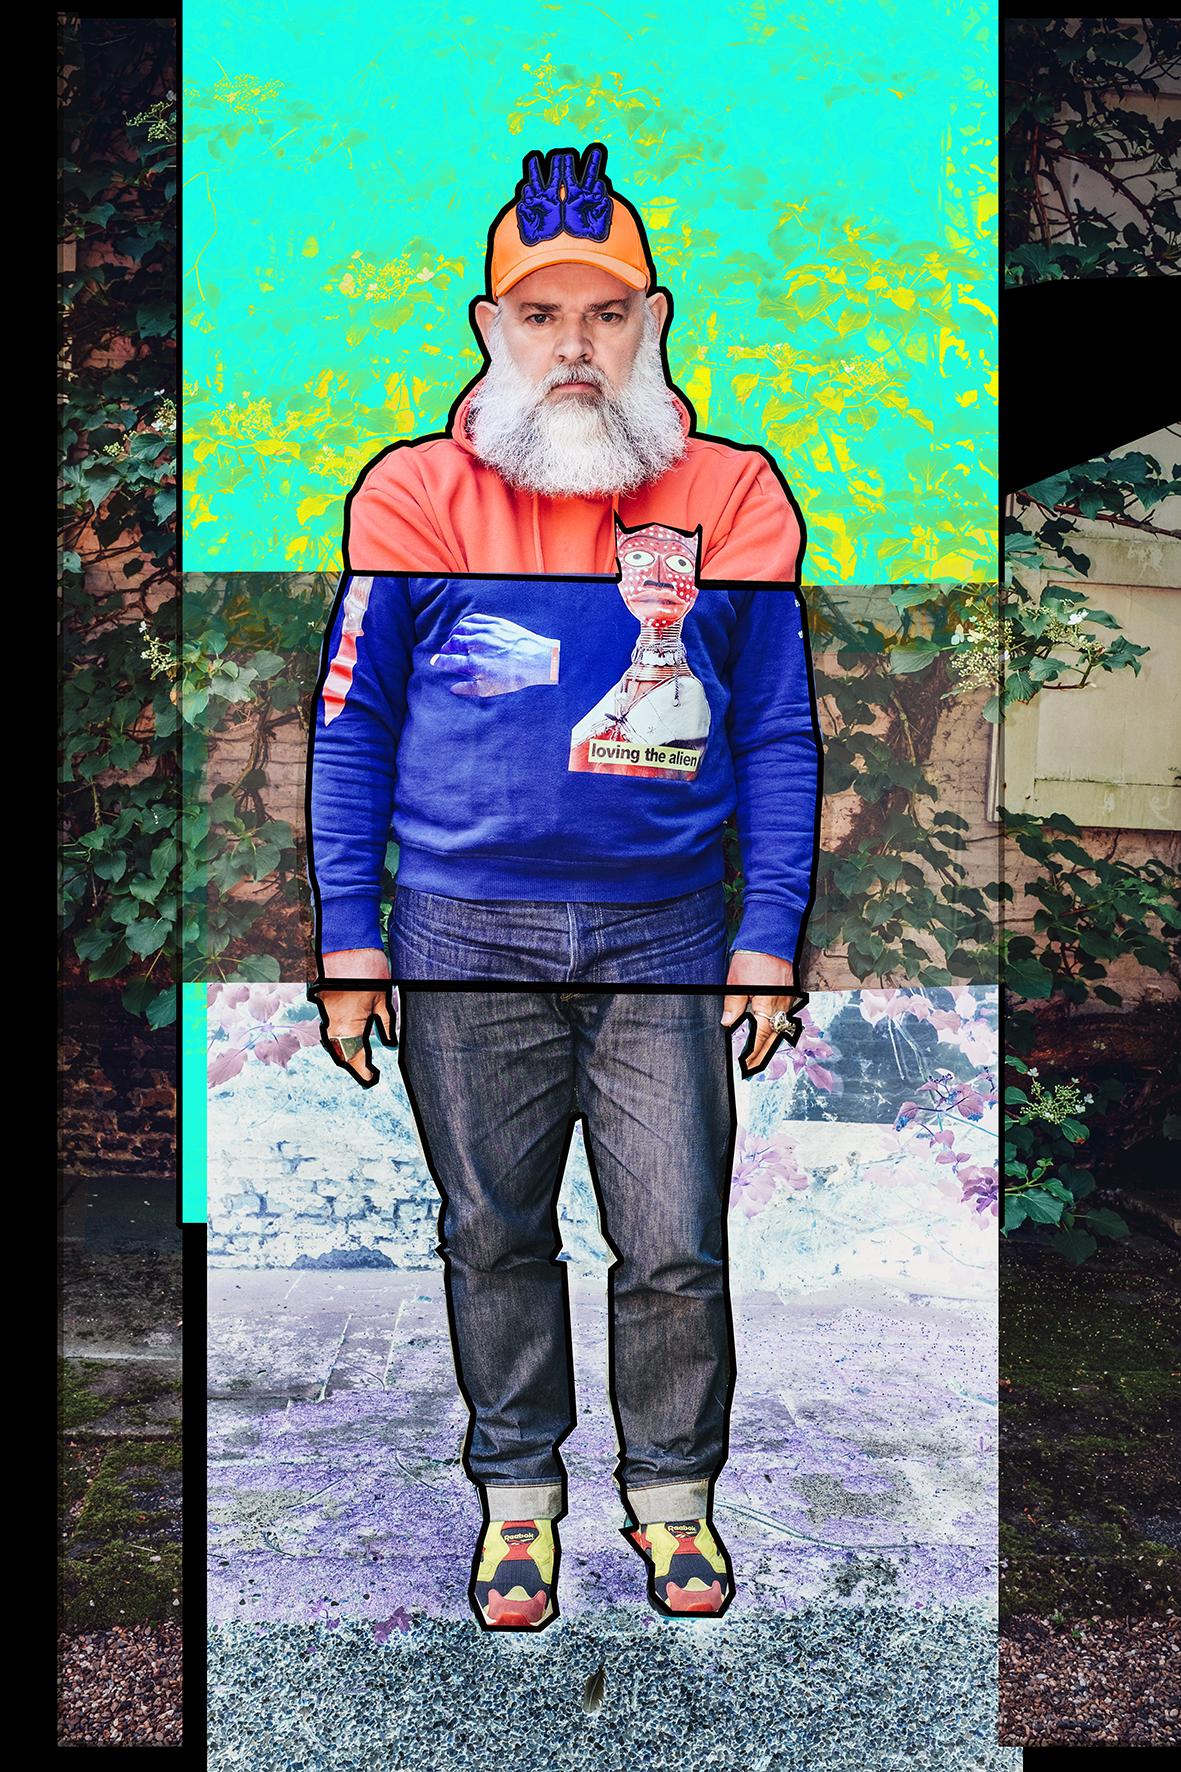 zzinstaCDV 125 DMM WalterVanBeirendonck collage